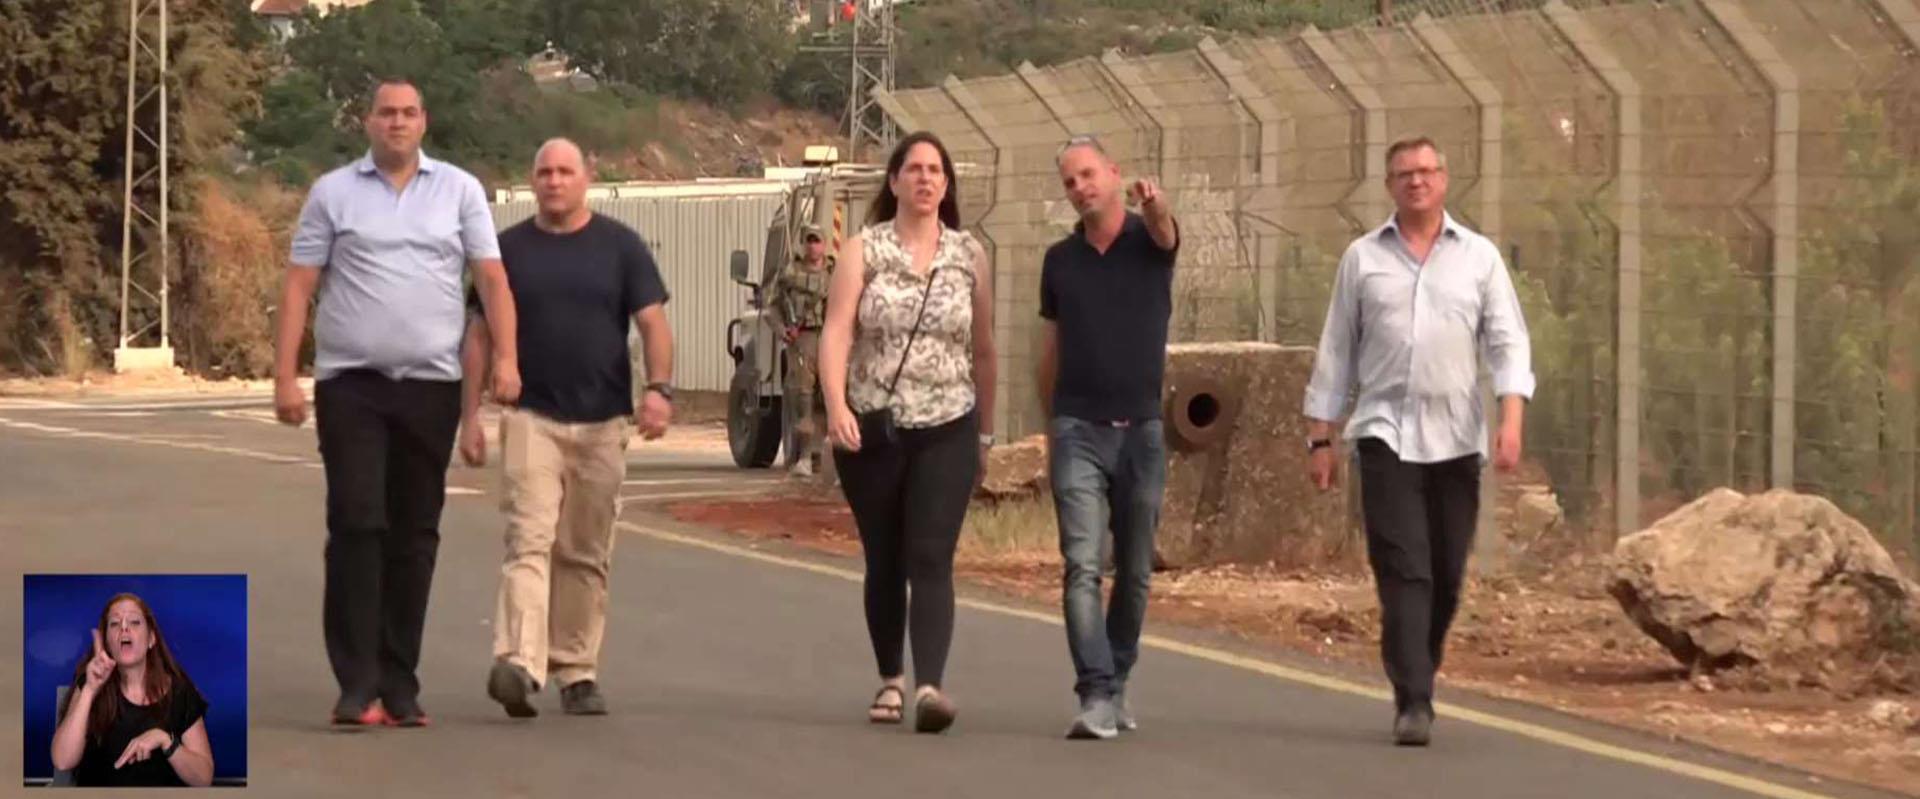 צוותי הרפואה של מלחמת לבנון פותחים את הפצעים